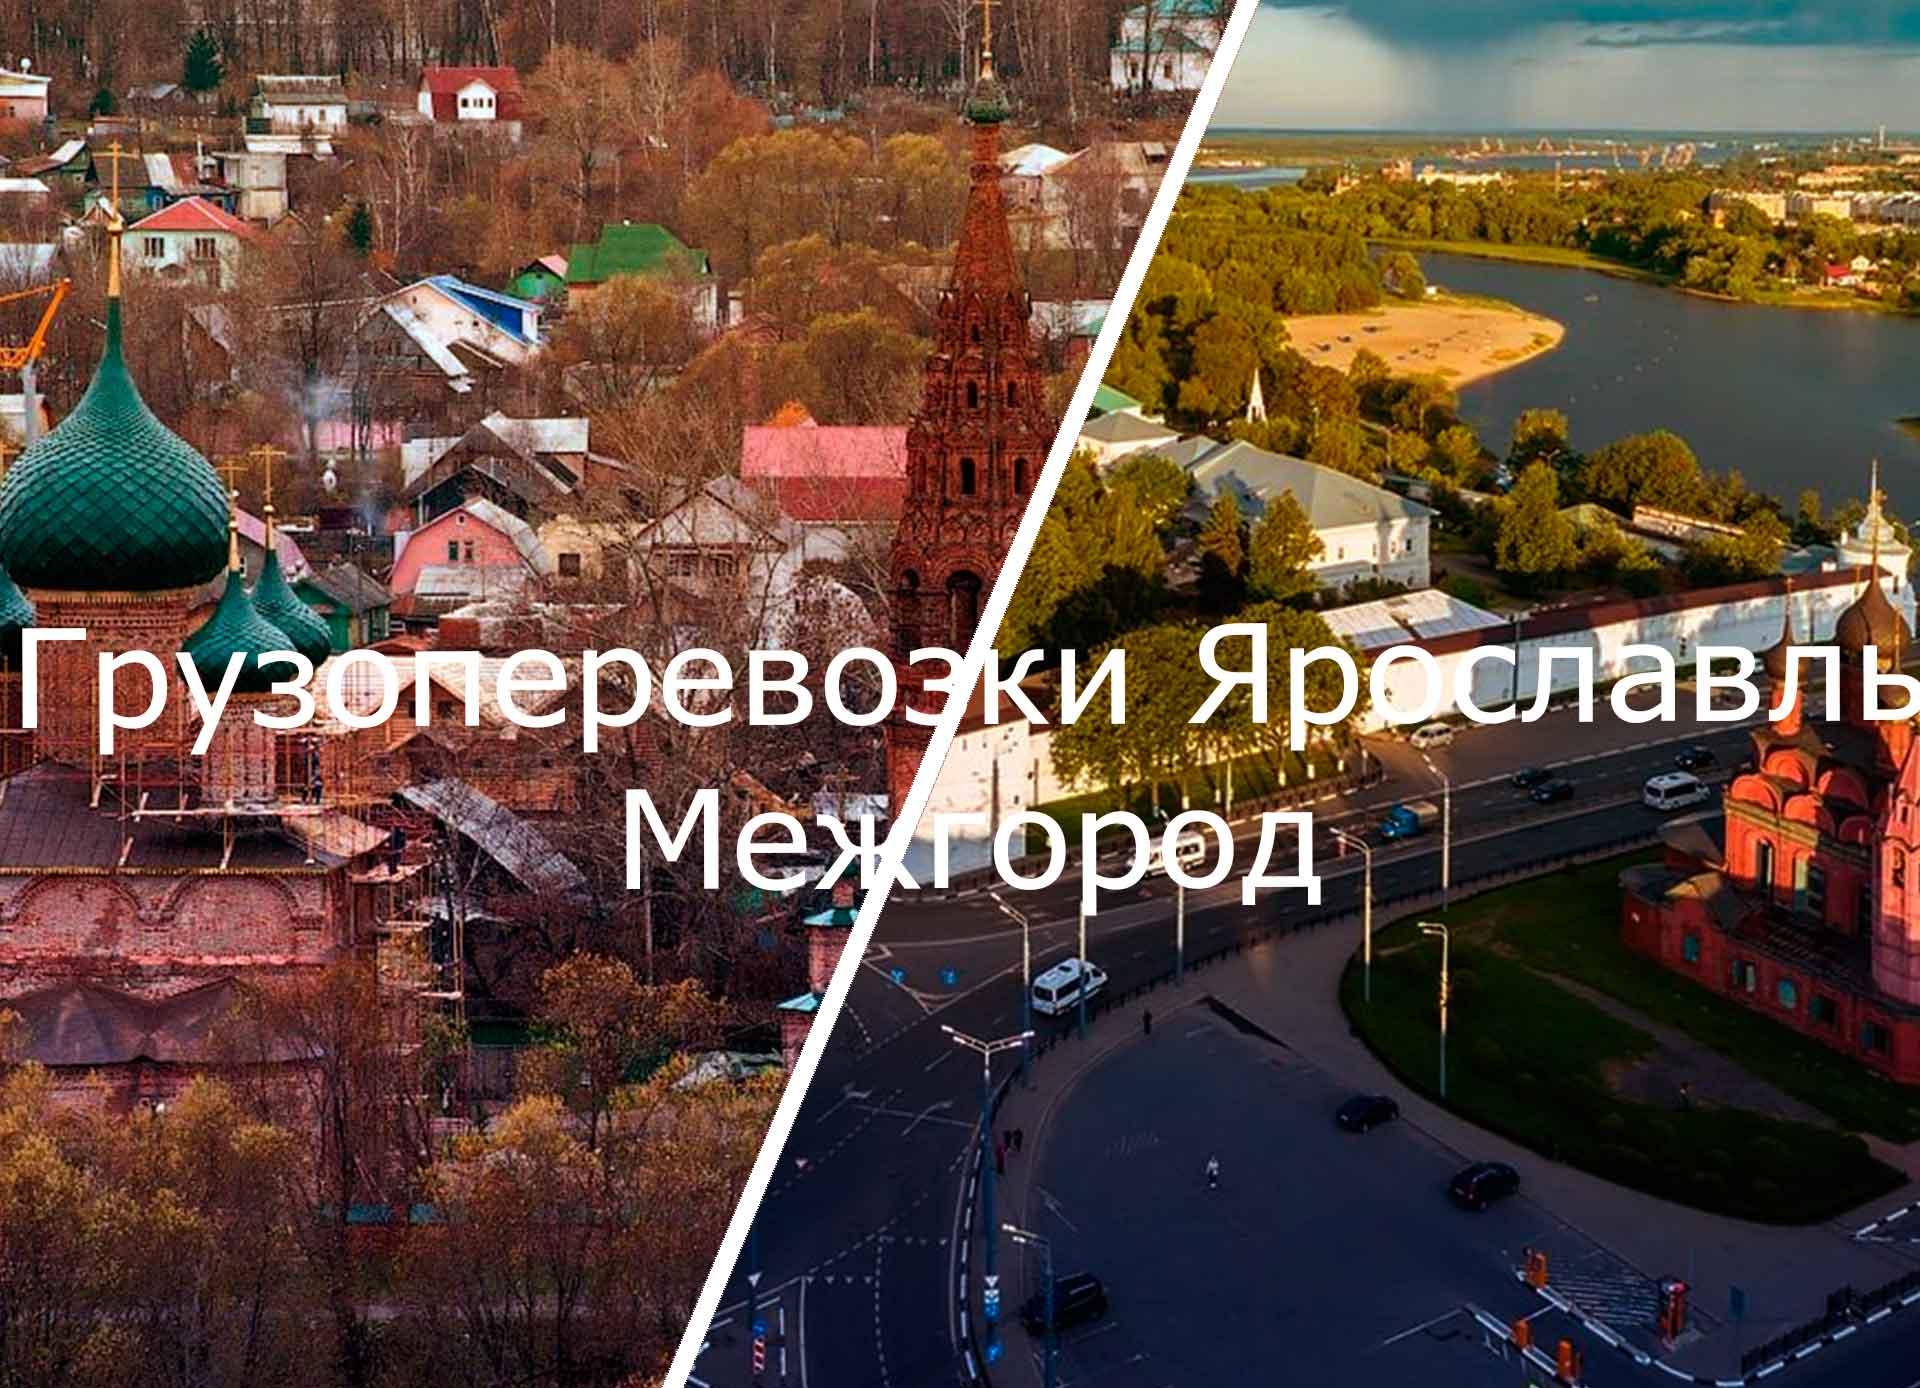 грузоперевозки ярославль межгород